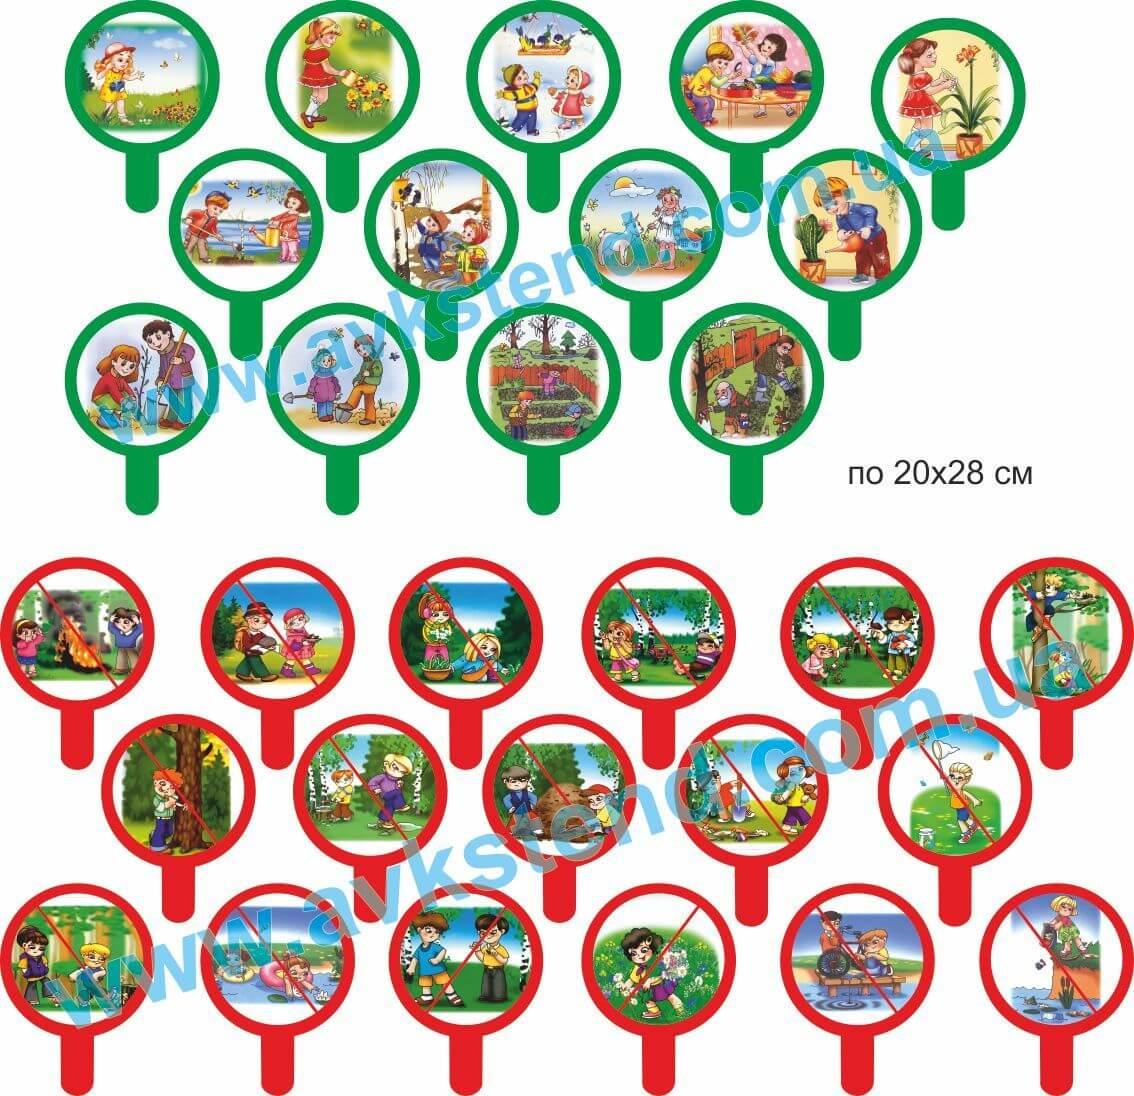 стенди для ДНЗ купити, стенди для ДНЗ замовити, стенди для дитячого садка, посібник для ДНЗ купити, посібники для дитячого садочку заказать, пособие для ДУЗ купить, пособия для детского сада замовити, Україна, Украина, дитина на природі, правила поведінки на природі, дитина і природа, ребенок на природе, правила поведения на природе, ребенок и природа